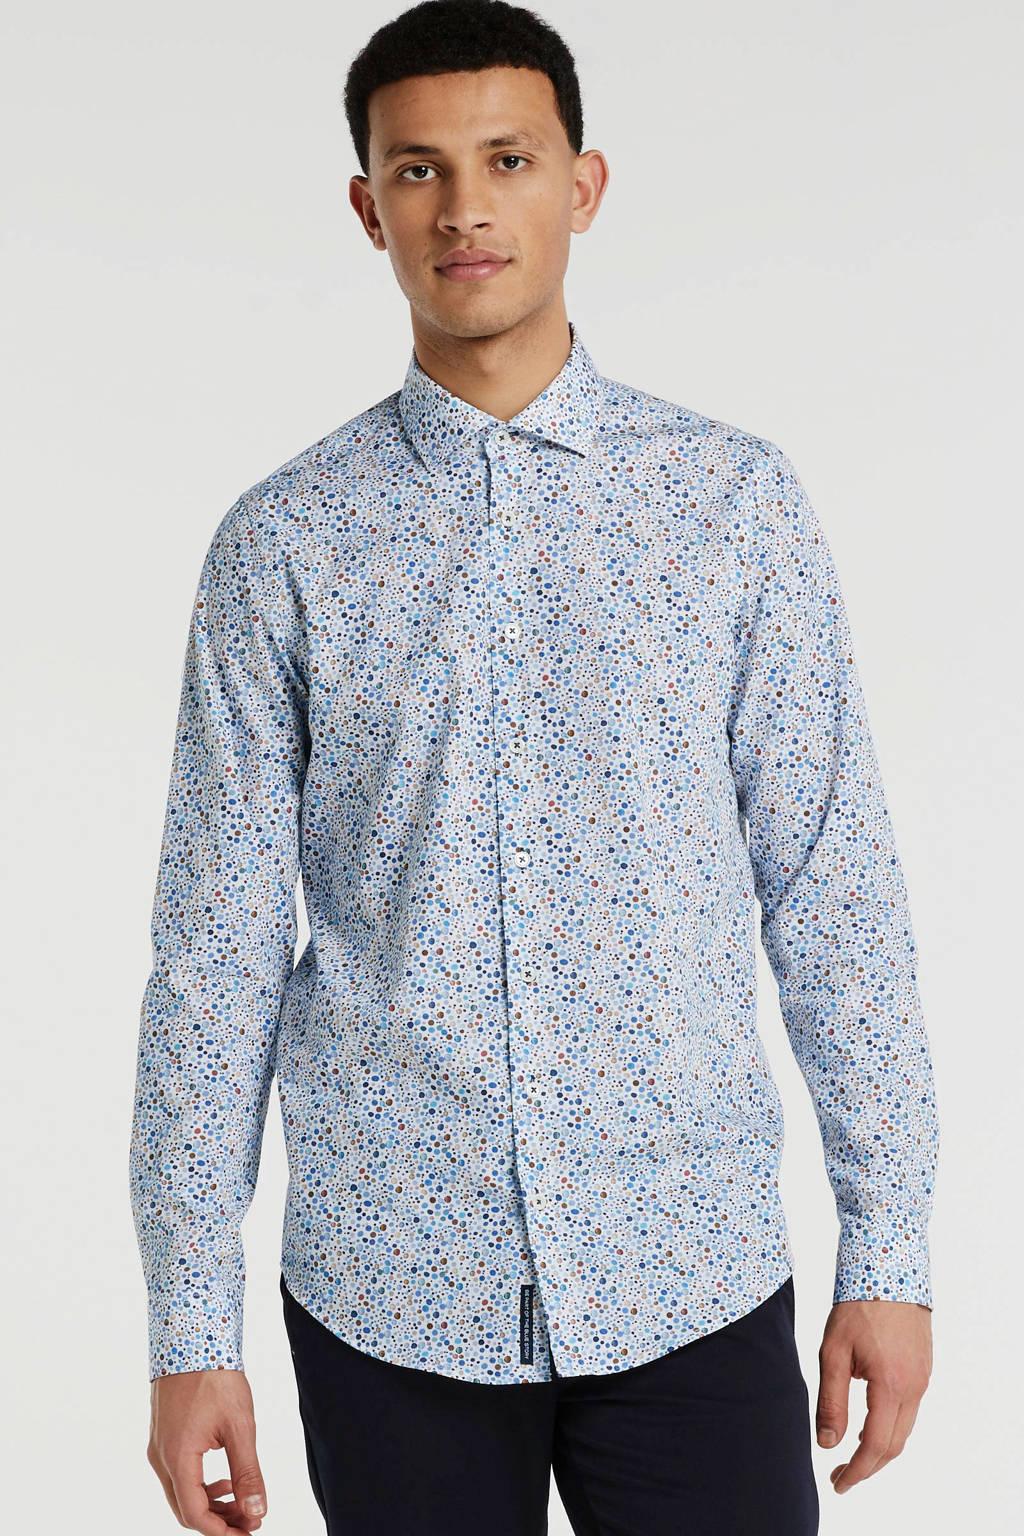 Blue Industry slim fit overhemd met all over print meerkleurig, Meerkleurig